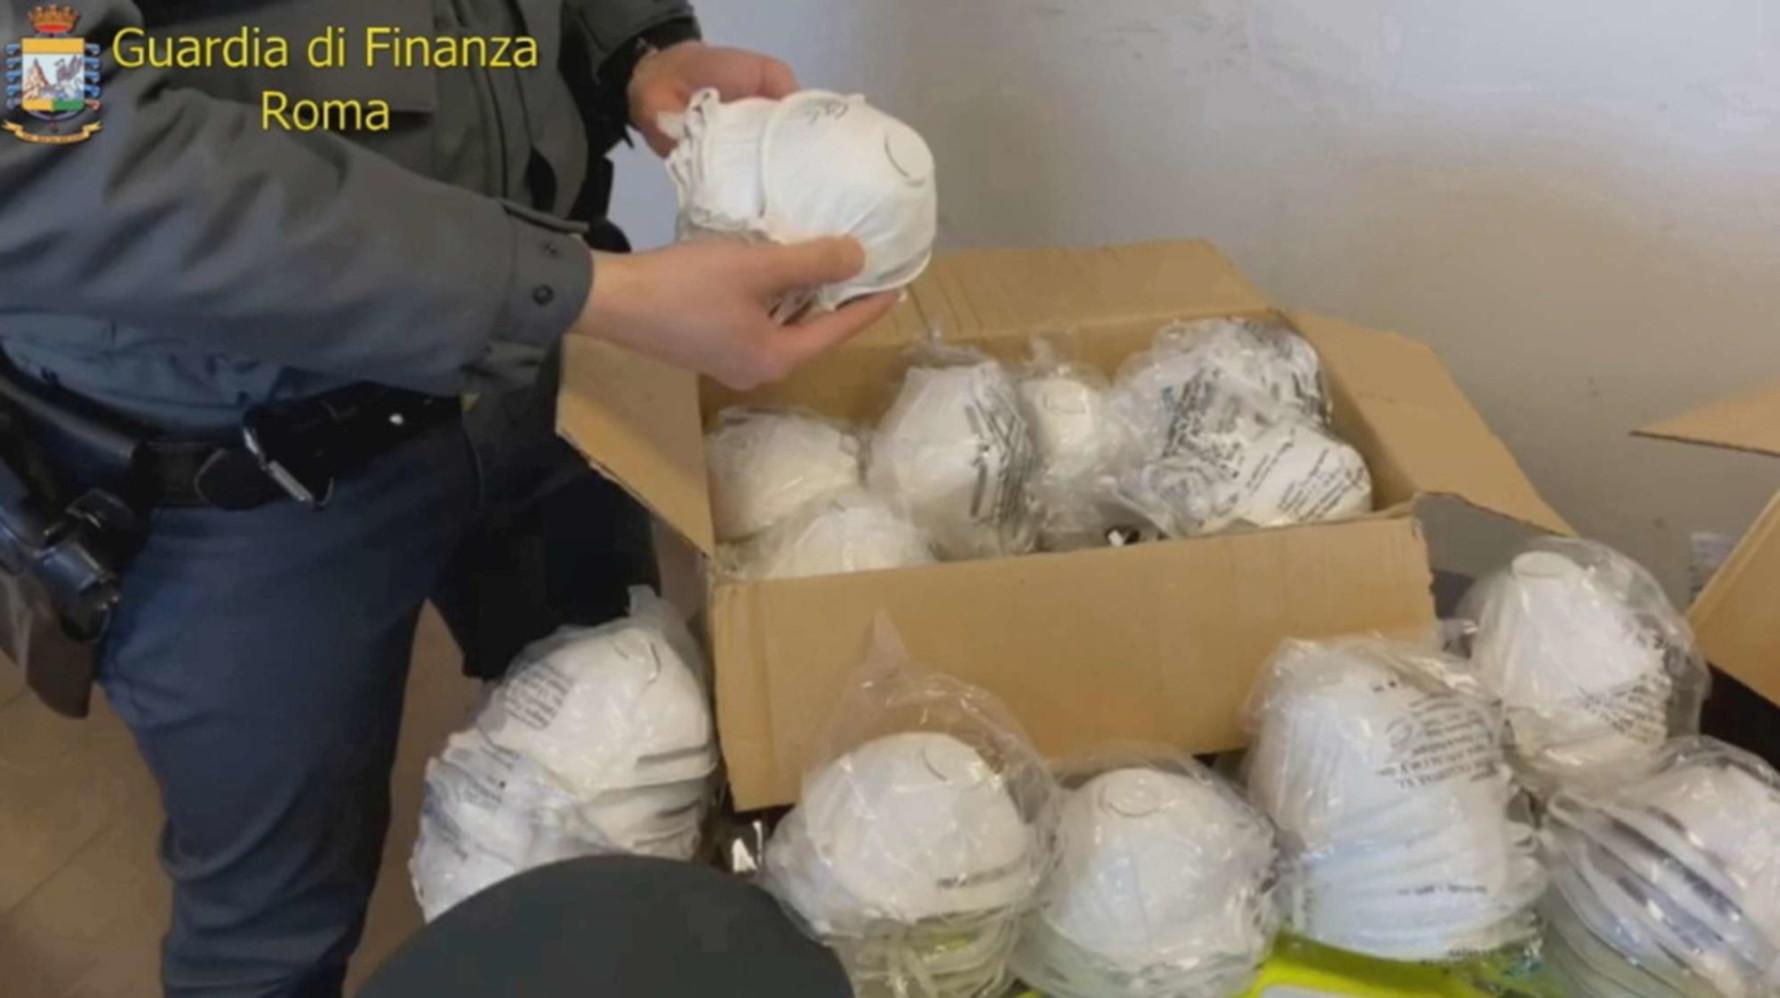 Coronavirus, blitz delle fiamme gialle a Catania. Sono state sequestrate ben 10mila mascherine sprovviste delle indicazioni necessarie per la sicurezza dei prodotti.